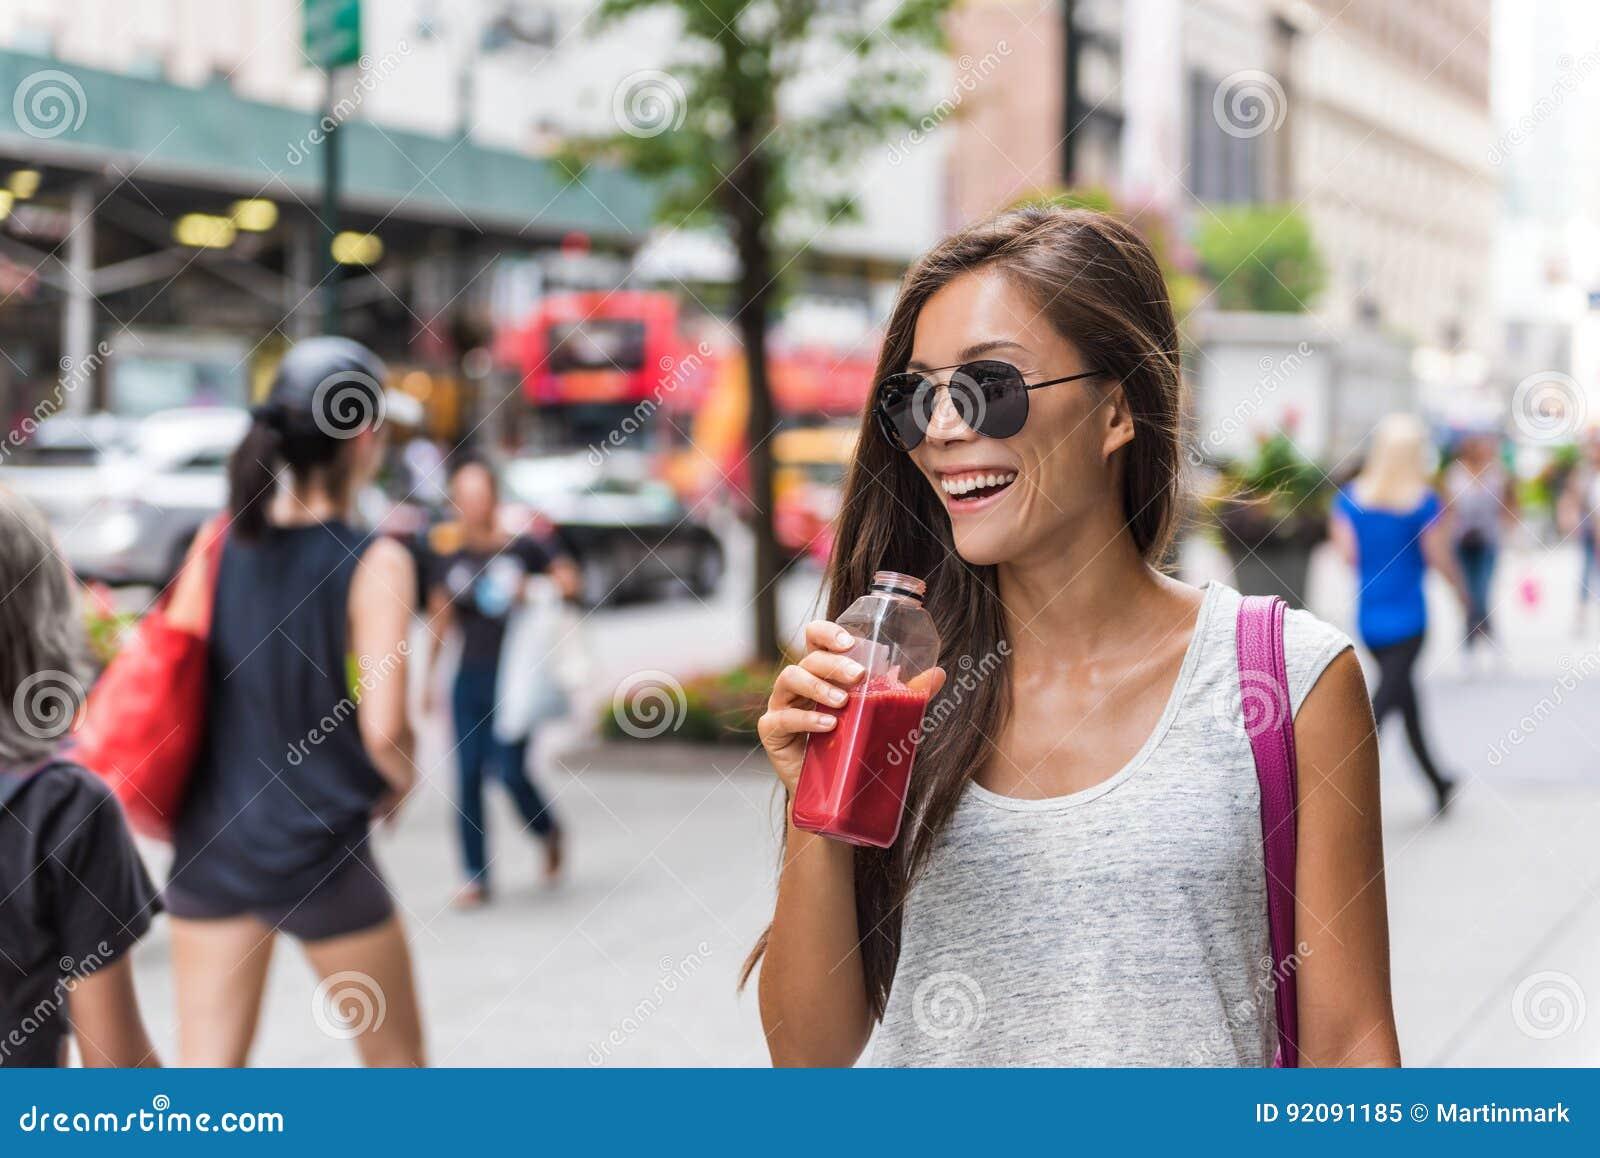 Stadtlebensstilfrau, die gesunden Fruchtsaft trinkt